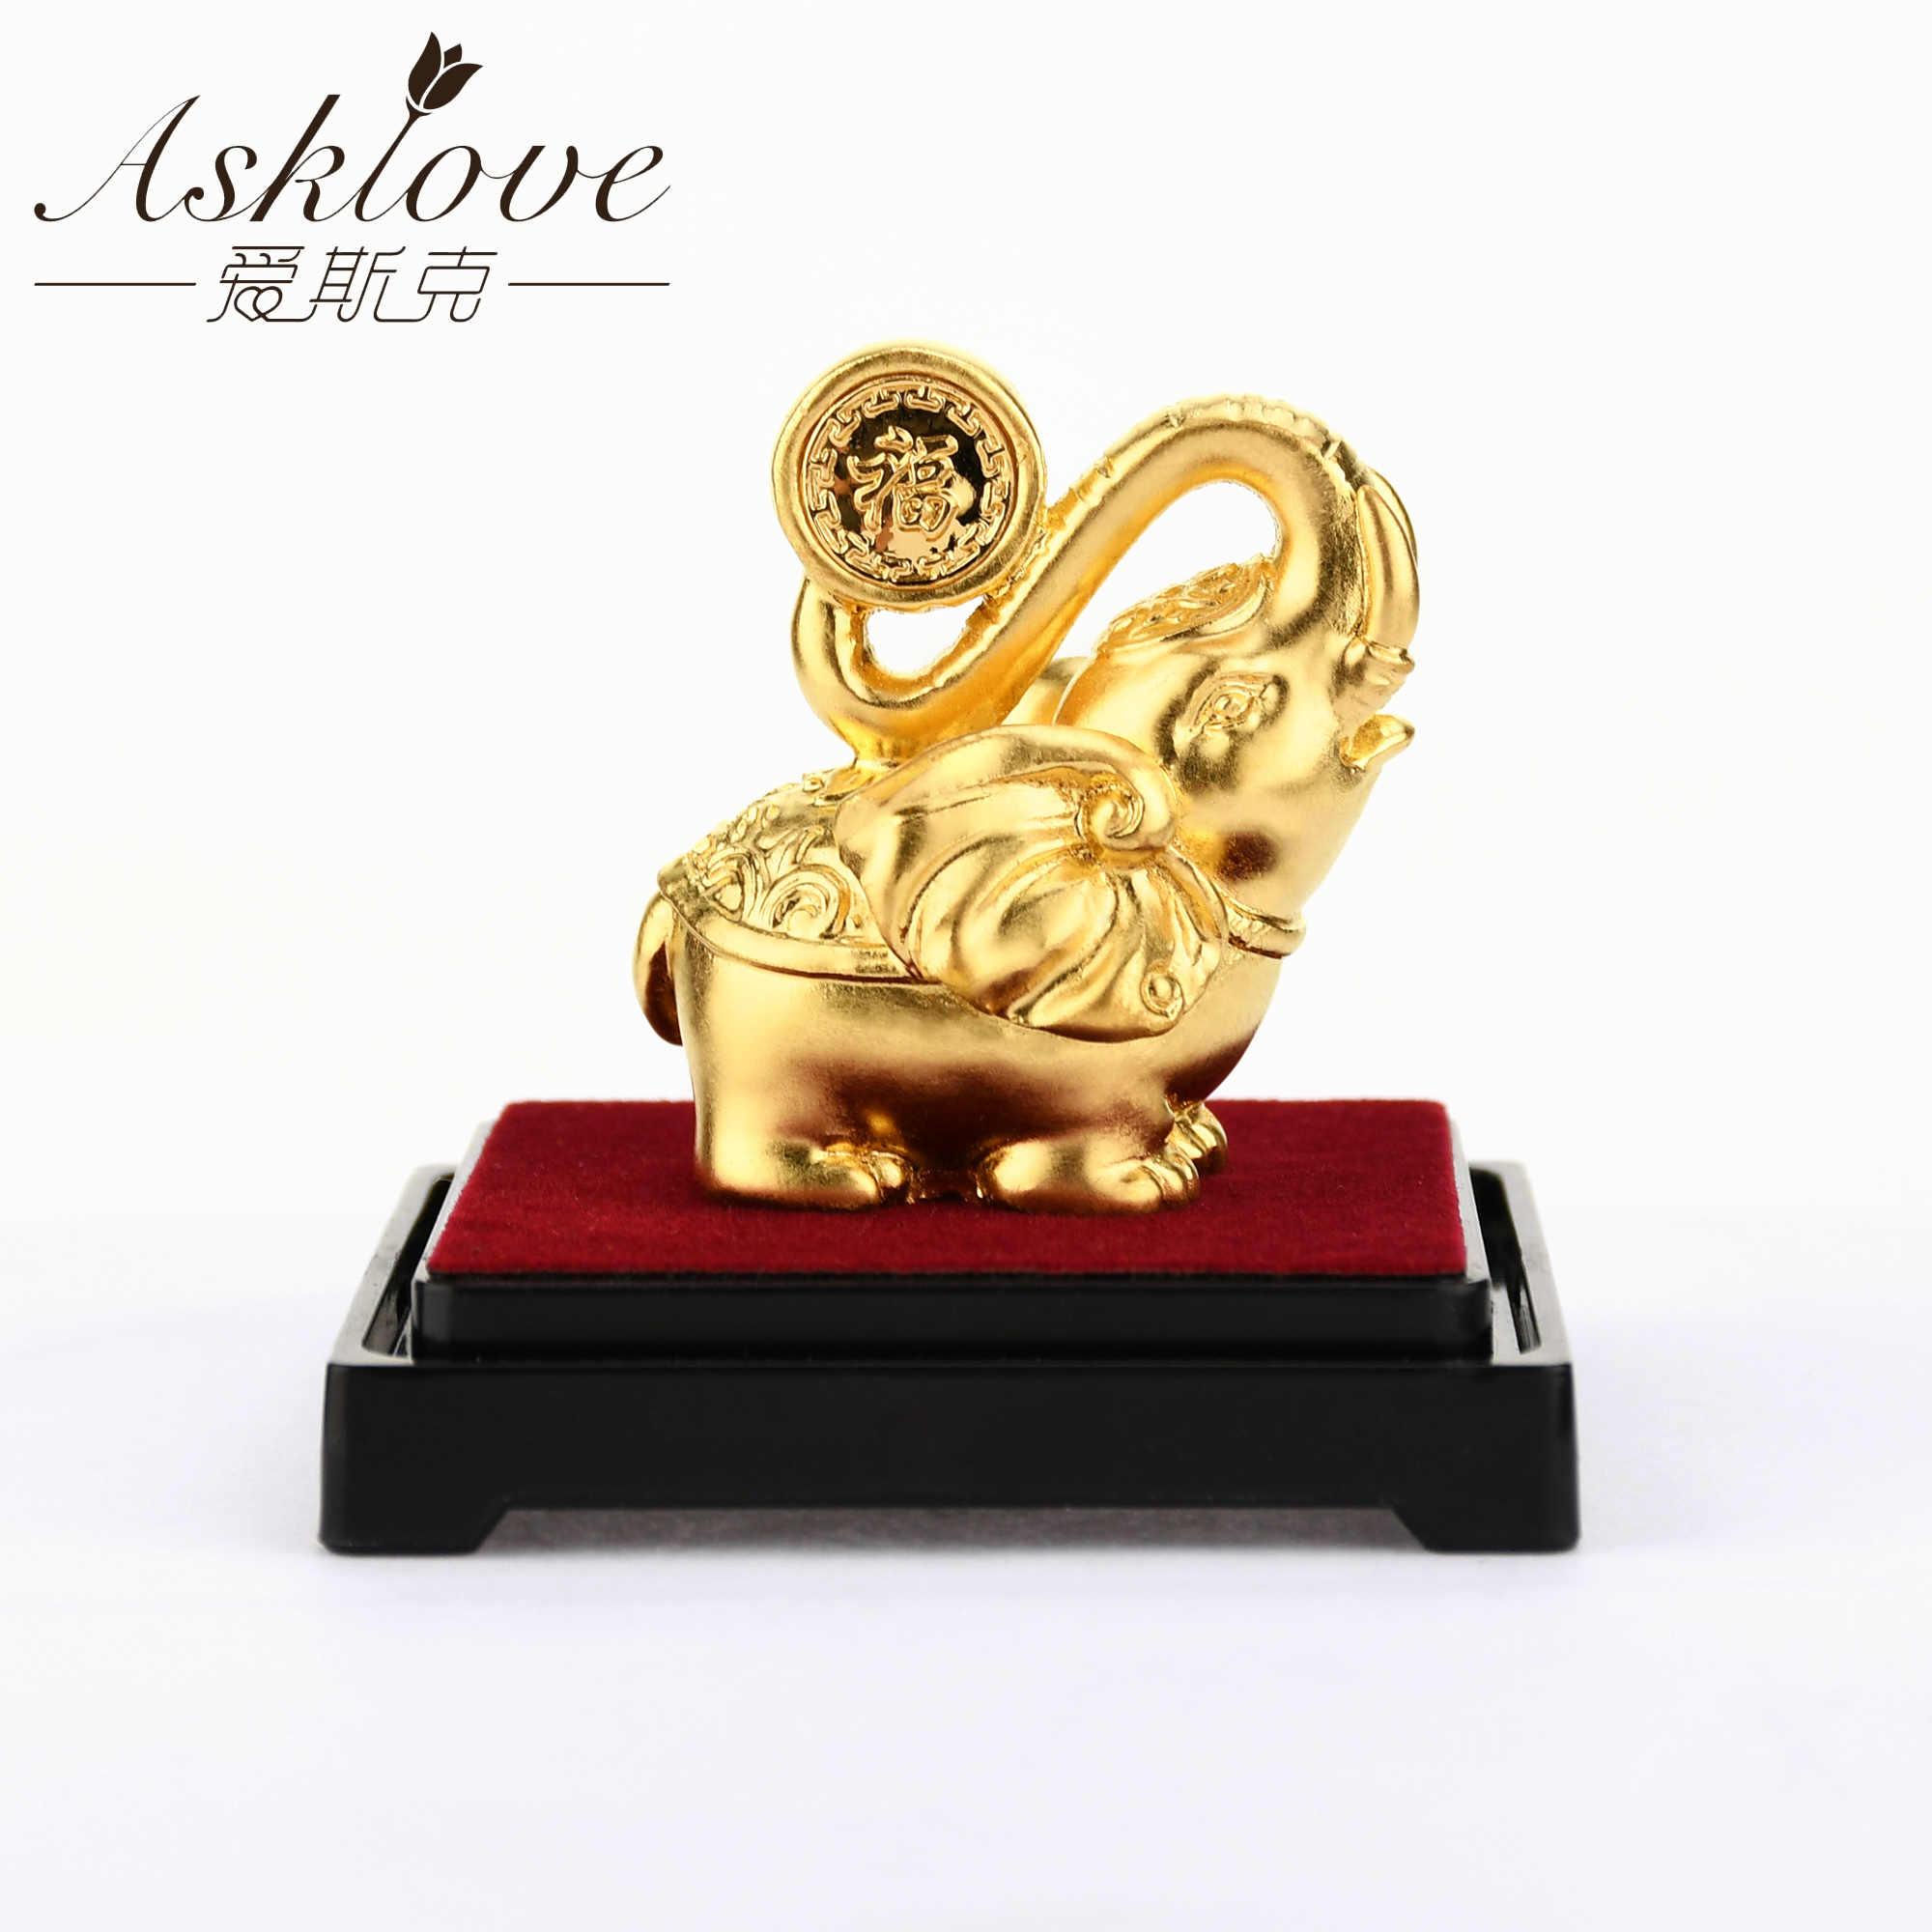 ラッキー象風水インテリア 24 18k ゴールド箔象の像の置物オフィスの装飾工芸品収集富ホームオフィスの装飾